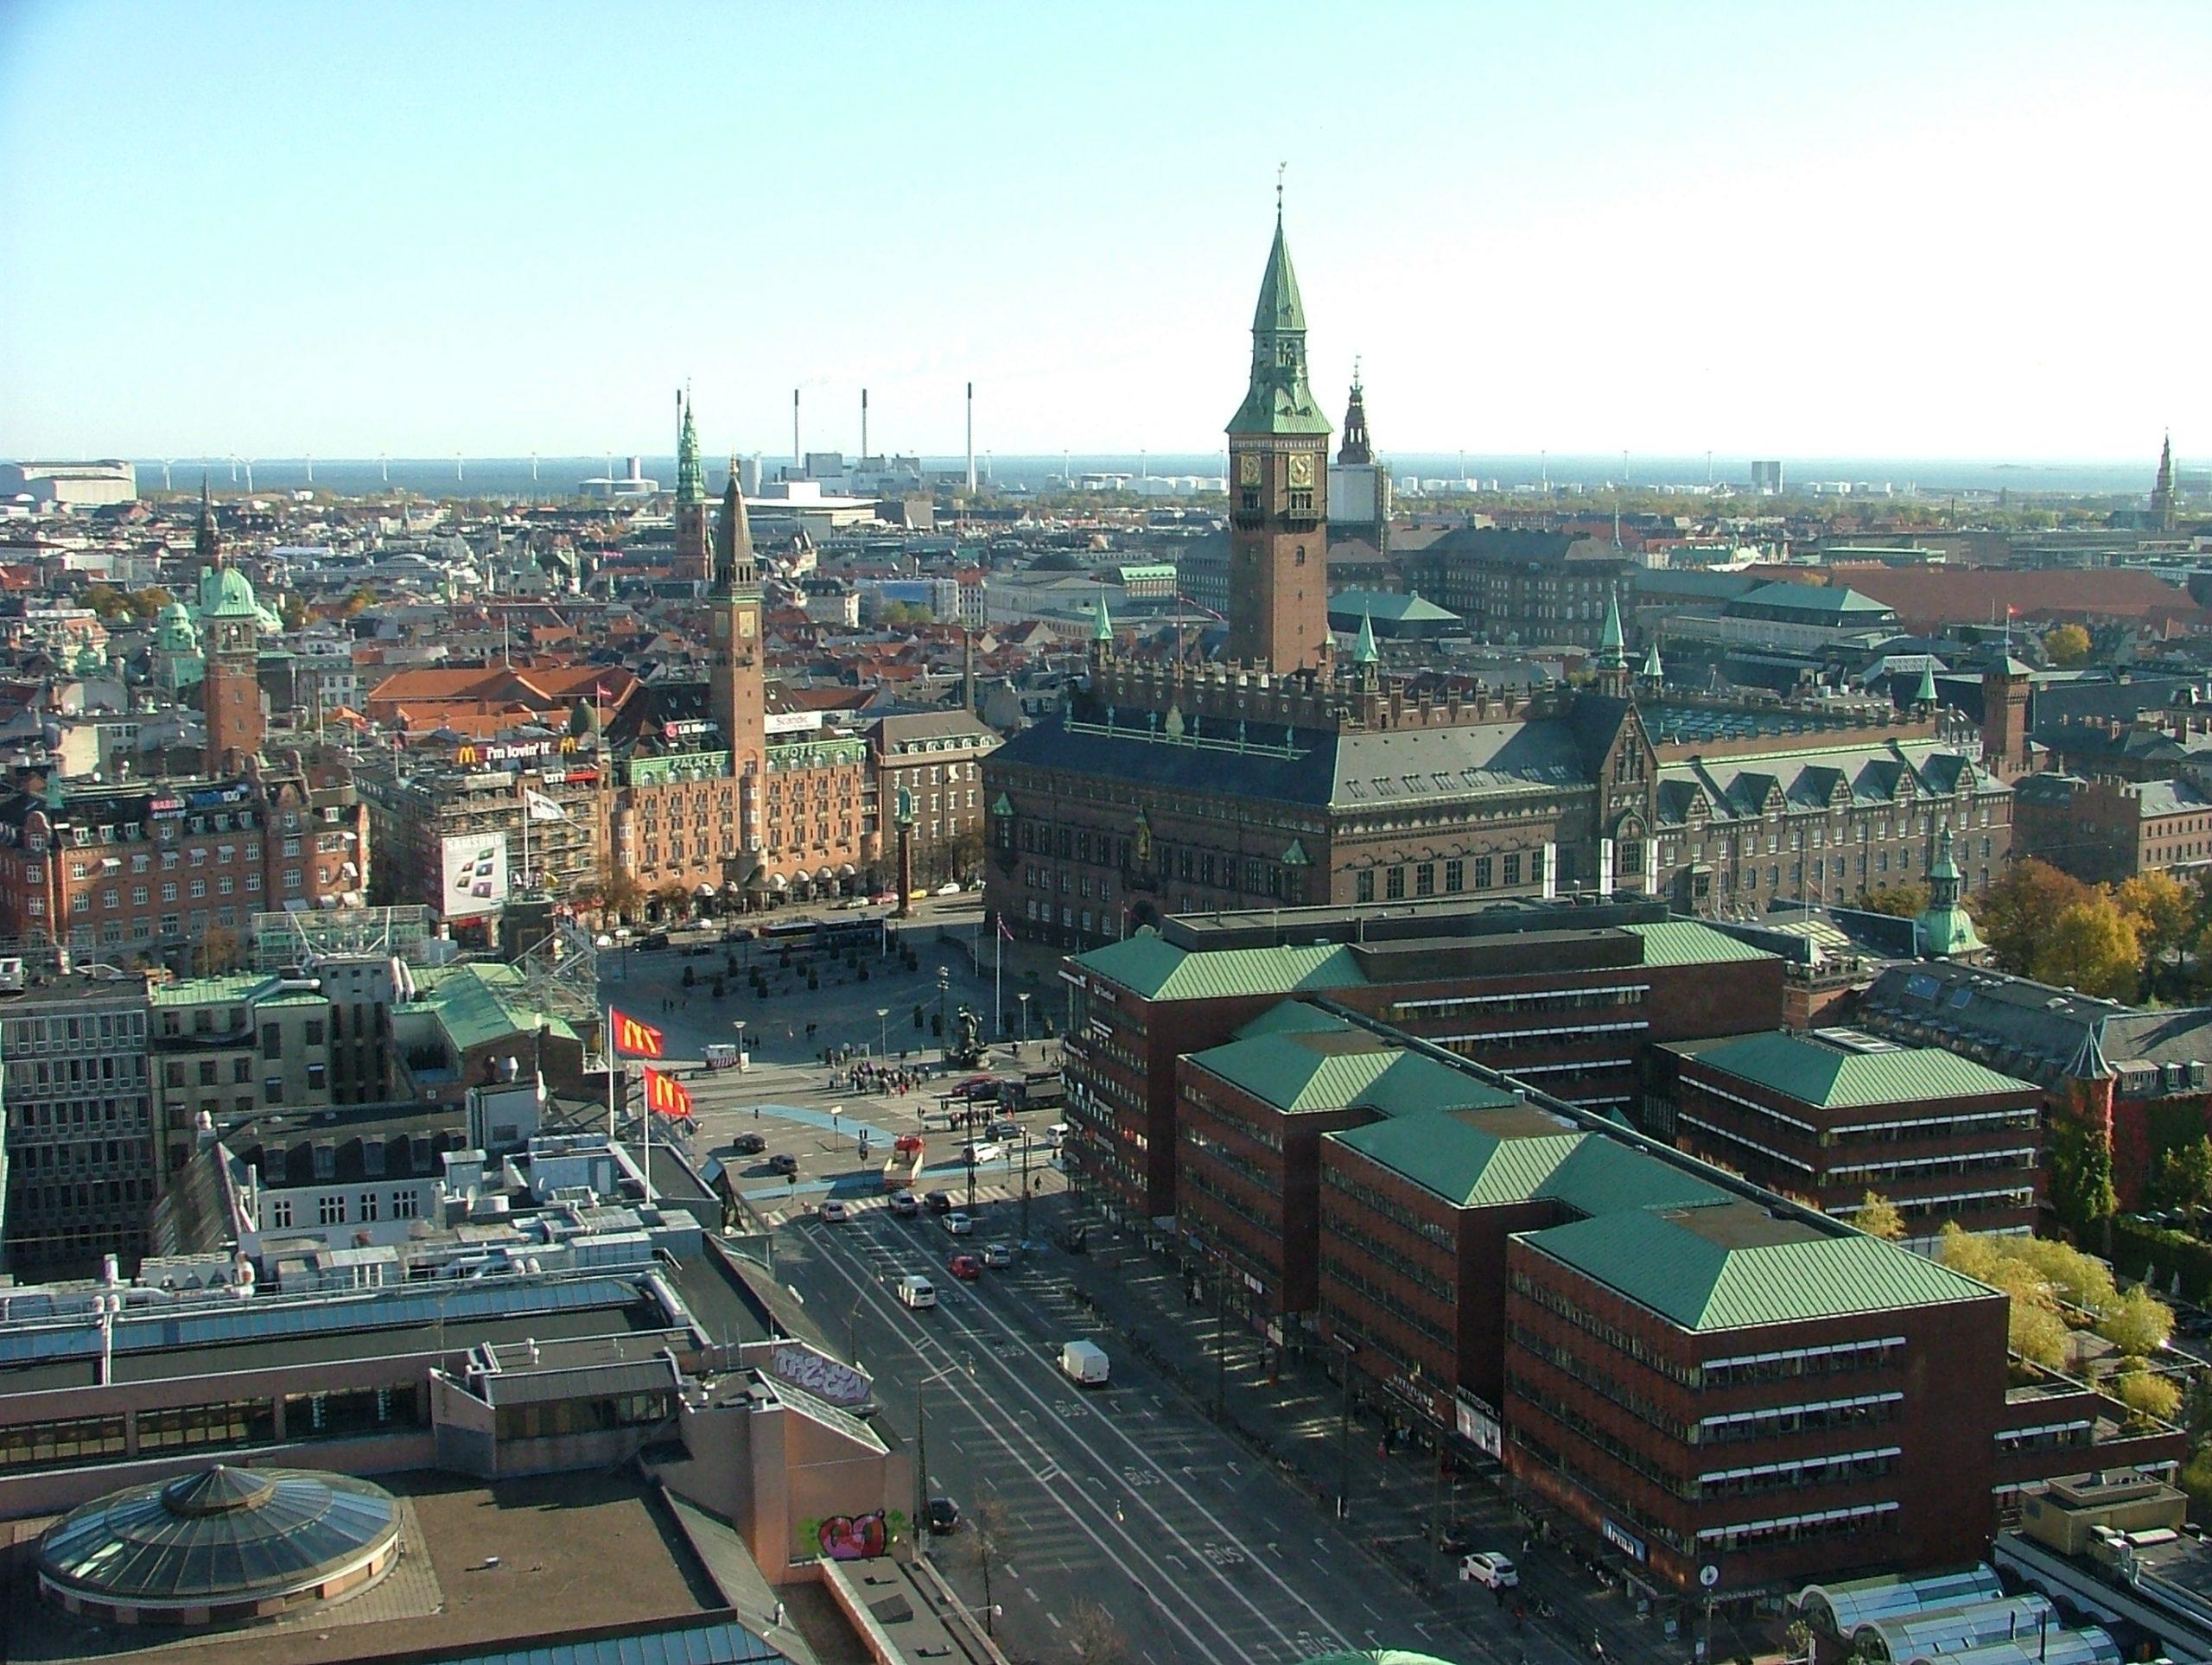 Lavere hotelmoms vil få København og resten af Danmark til at stå stærkere i at tiltrække flere udenlandske turister, mener erhvervsmanden Henrik Busch. Han efterlyser også en stærk brancheorganisation for hotel- og turismebranchen. Arkivfoto med Rådhuspladsen i København, Henrik Baumgarten.